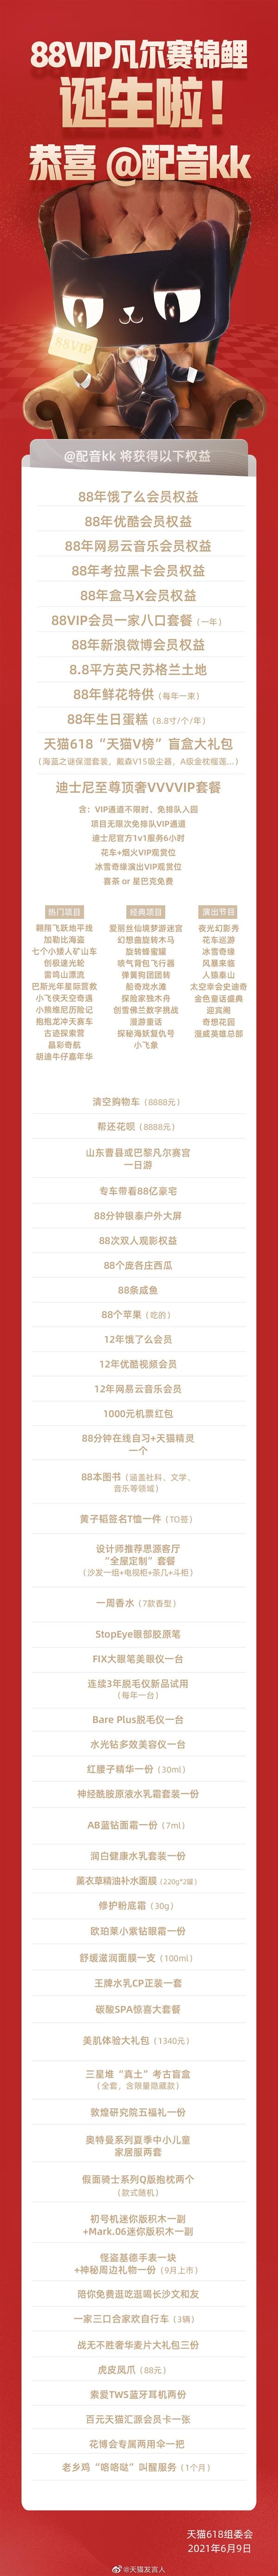 """河南女生喜提天猫618""""88VIP锦鲤"""":击败160万人、独享百万大奖"""